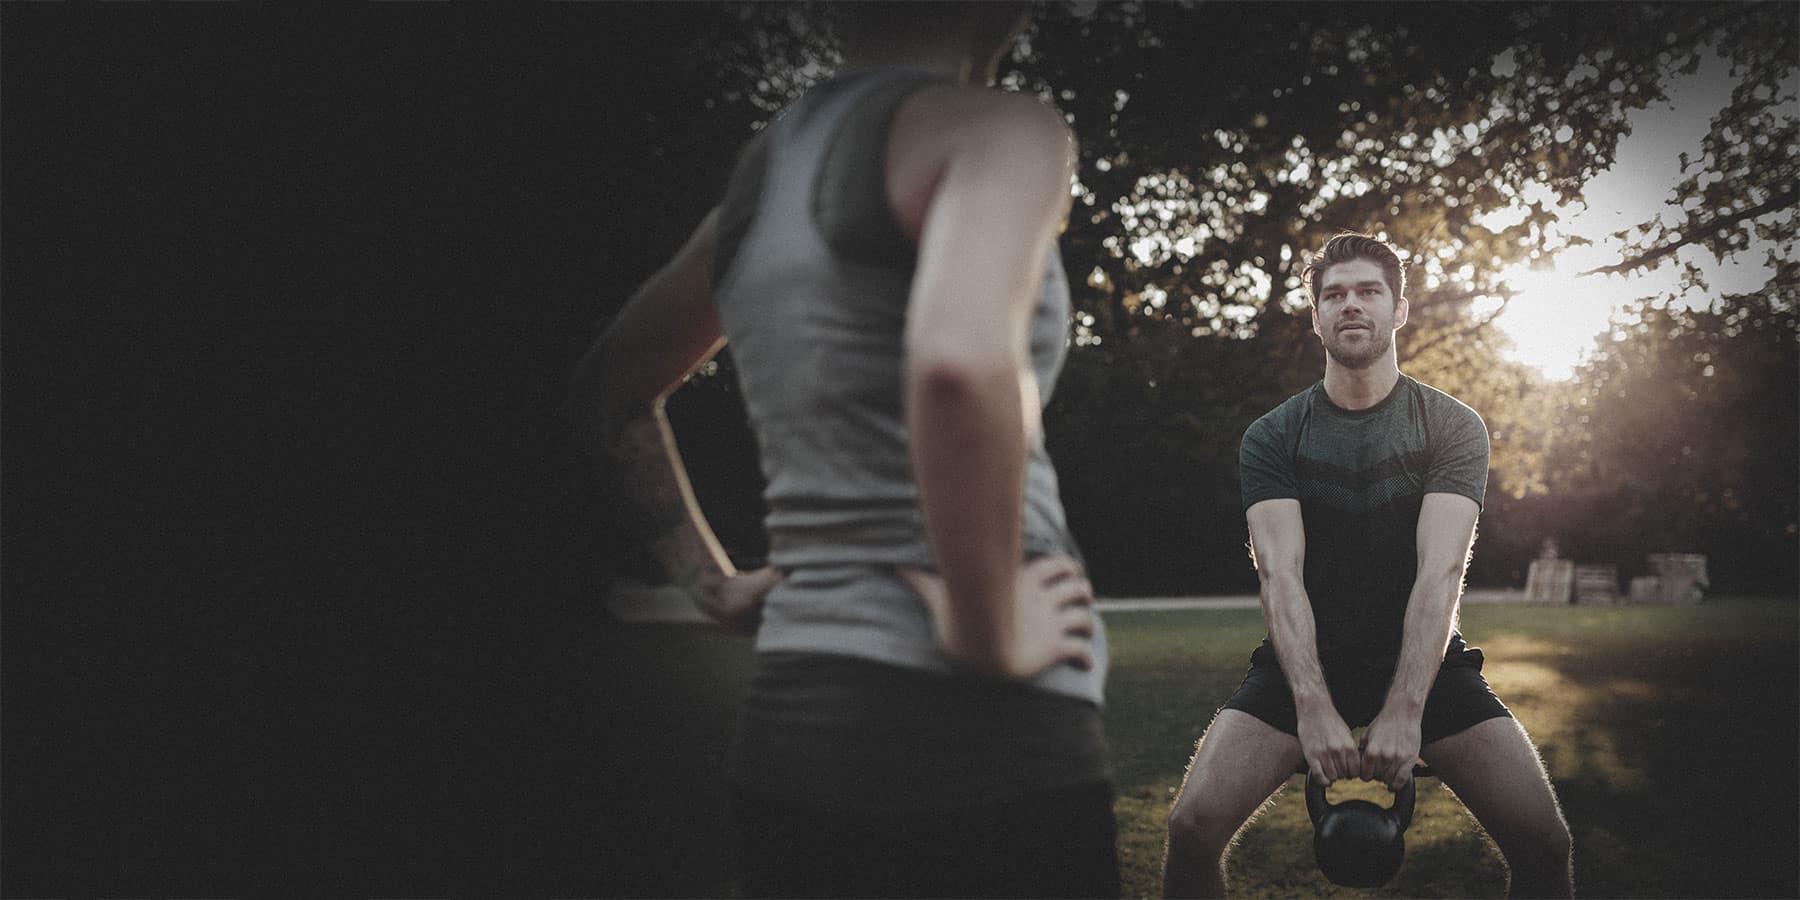 หาเทรนเนอร์ส่วนตัว ออกกำลังกายตามสถานที่ต่างๆที่คุณต้องการ เทรนเนอร์มากประสบการณ์ ลดความอ้วน กระชับหุ่น